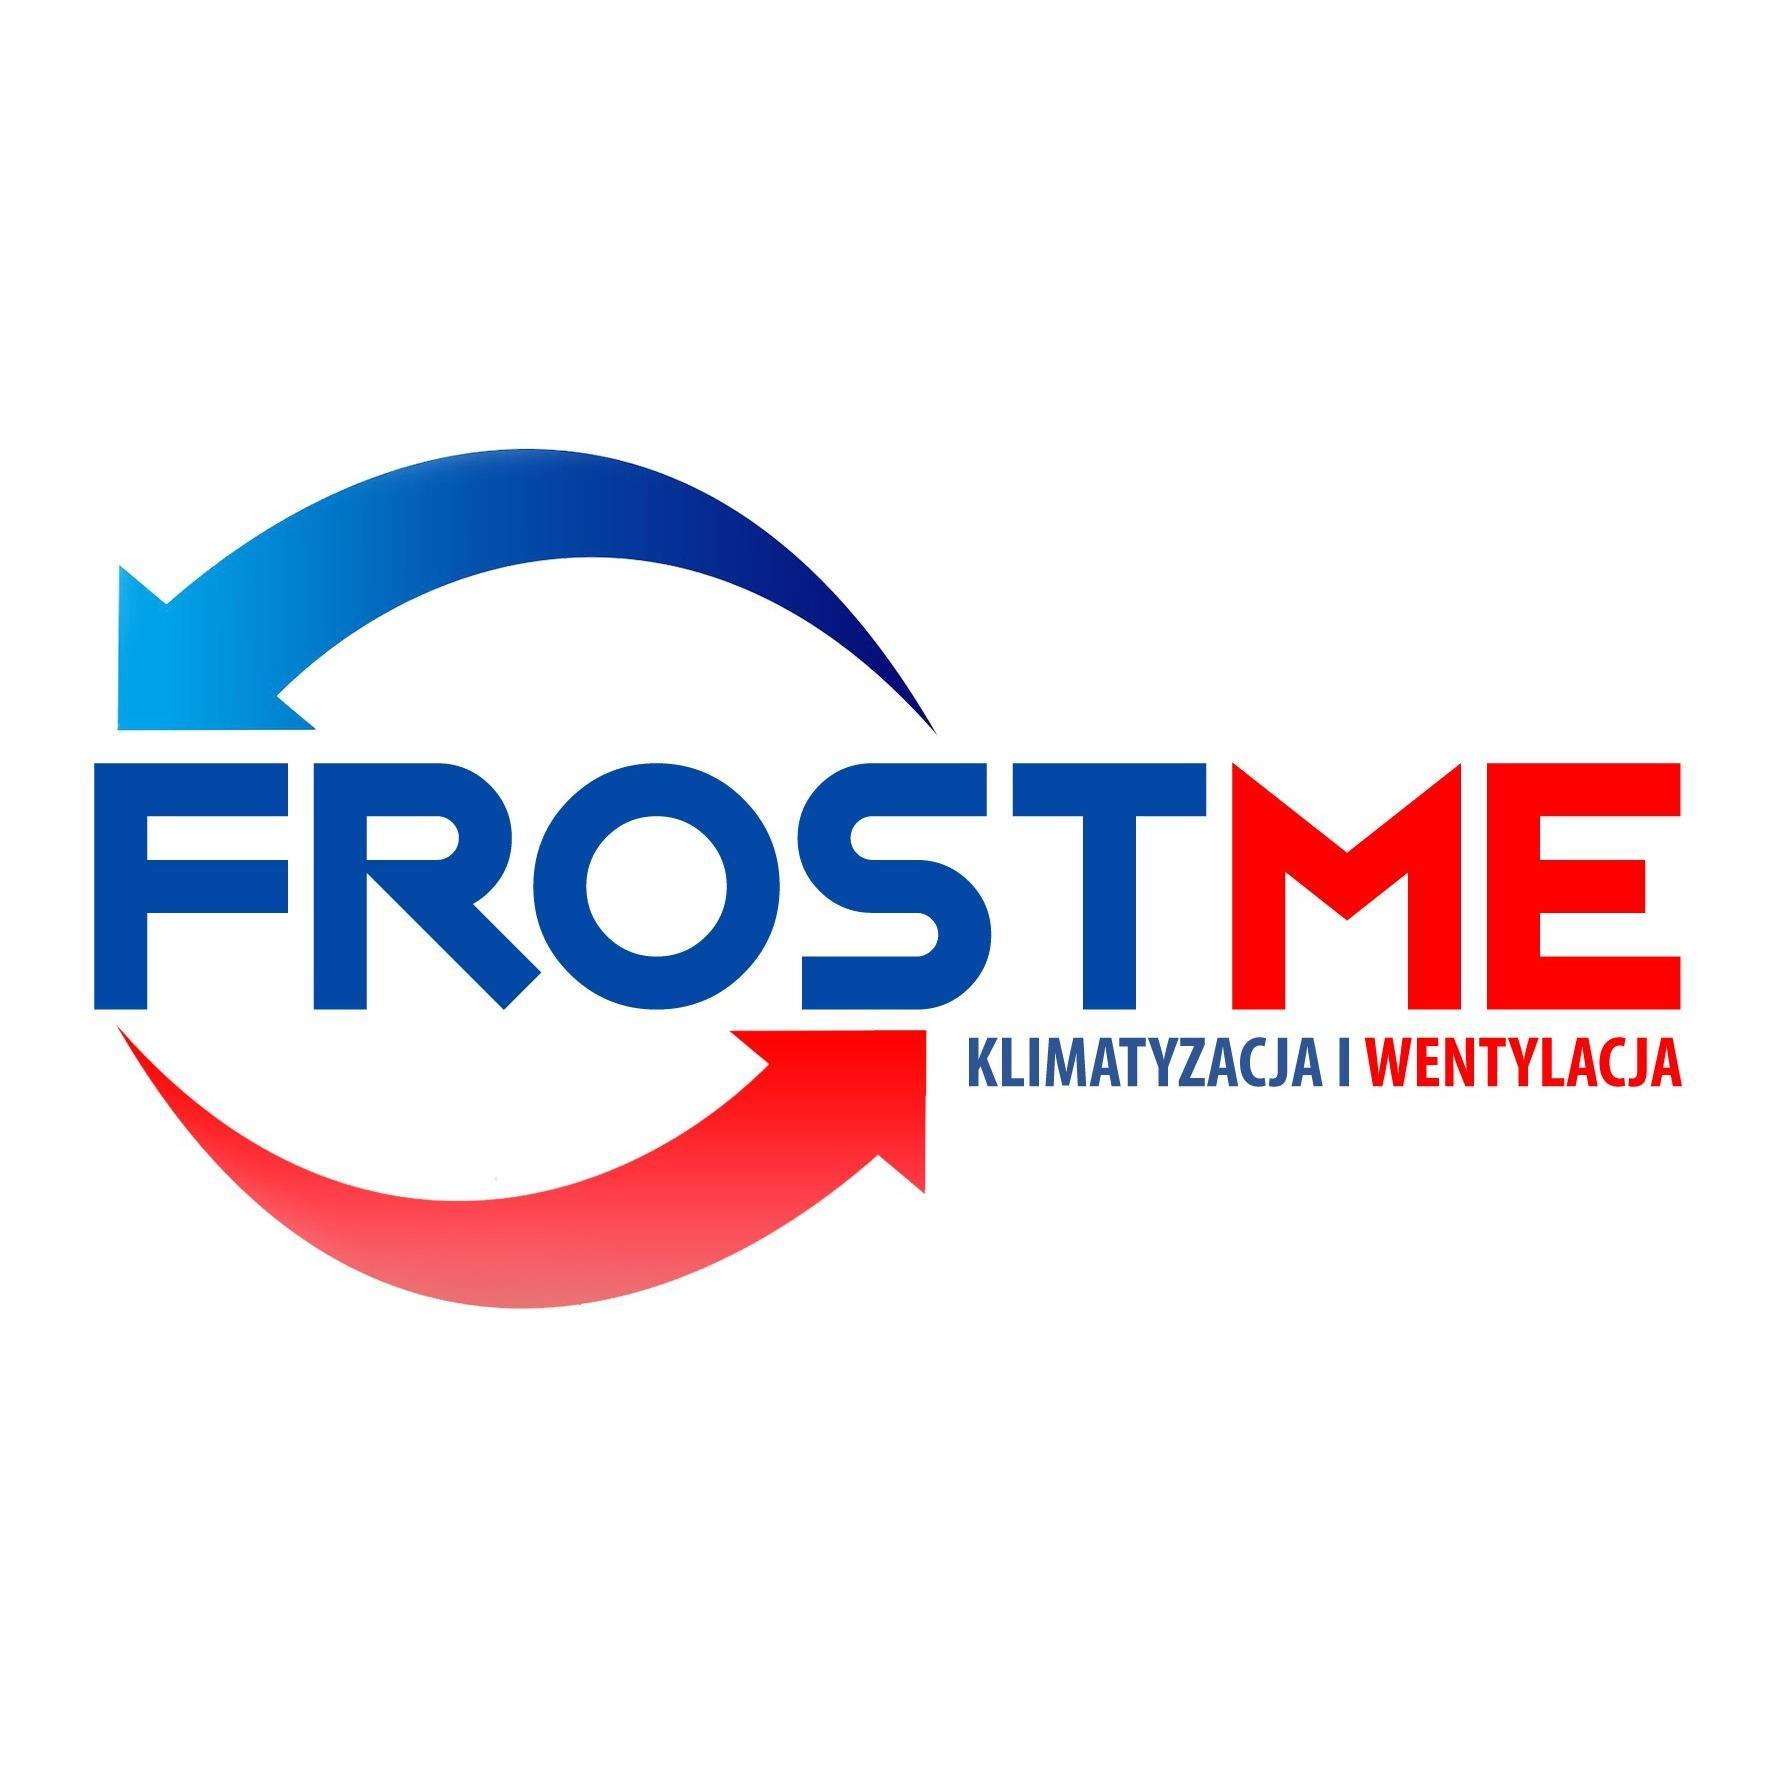 Frost Me Klimatyzacja